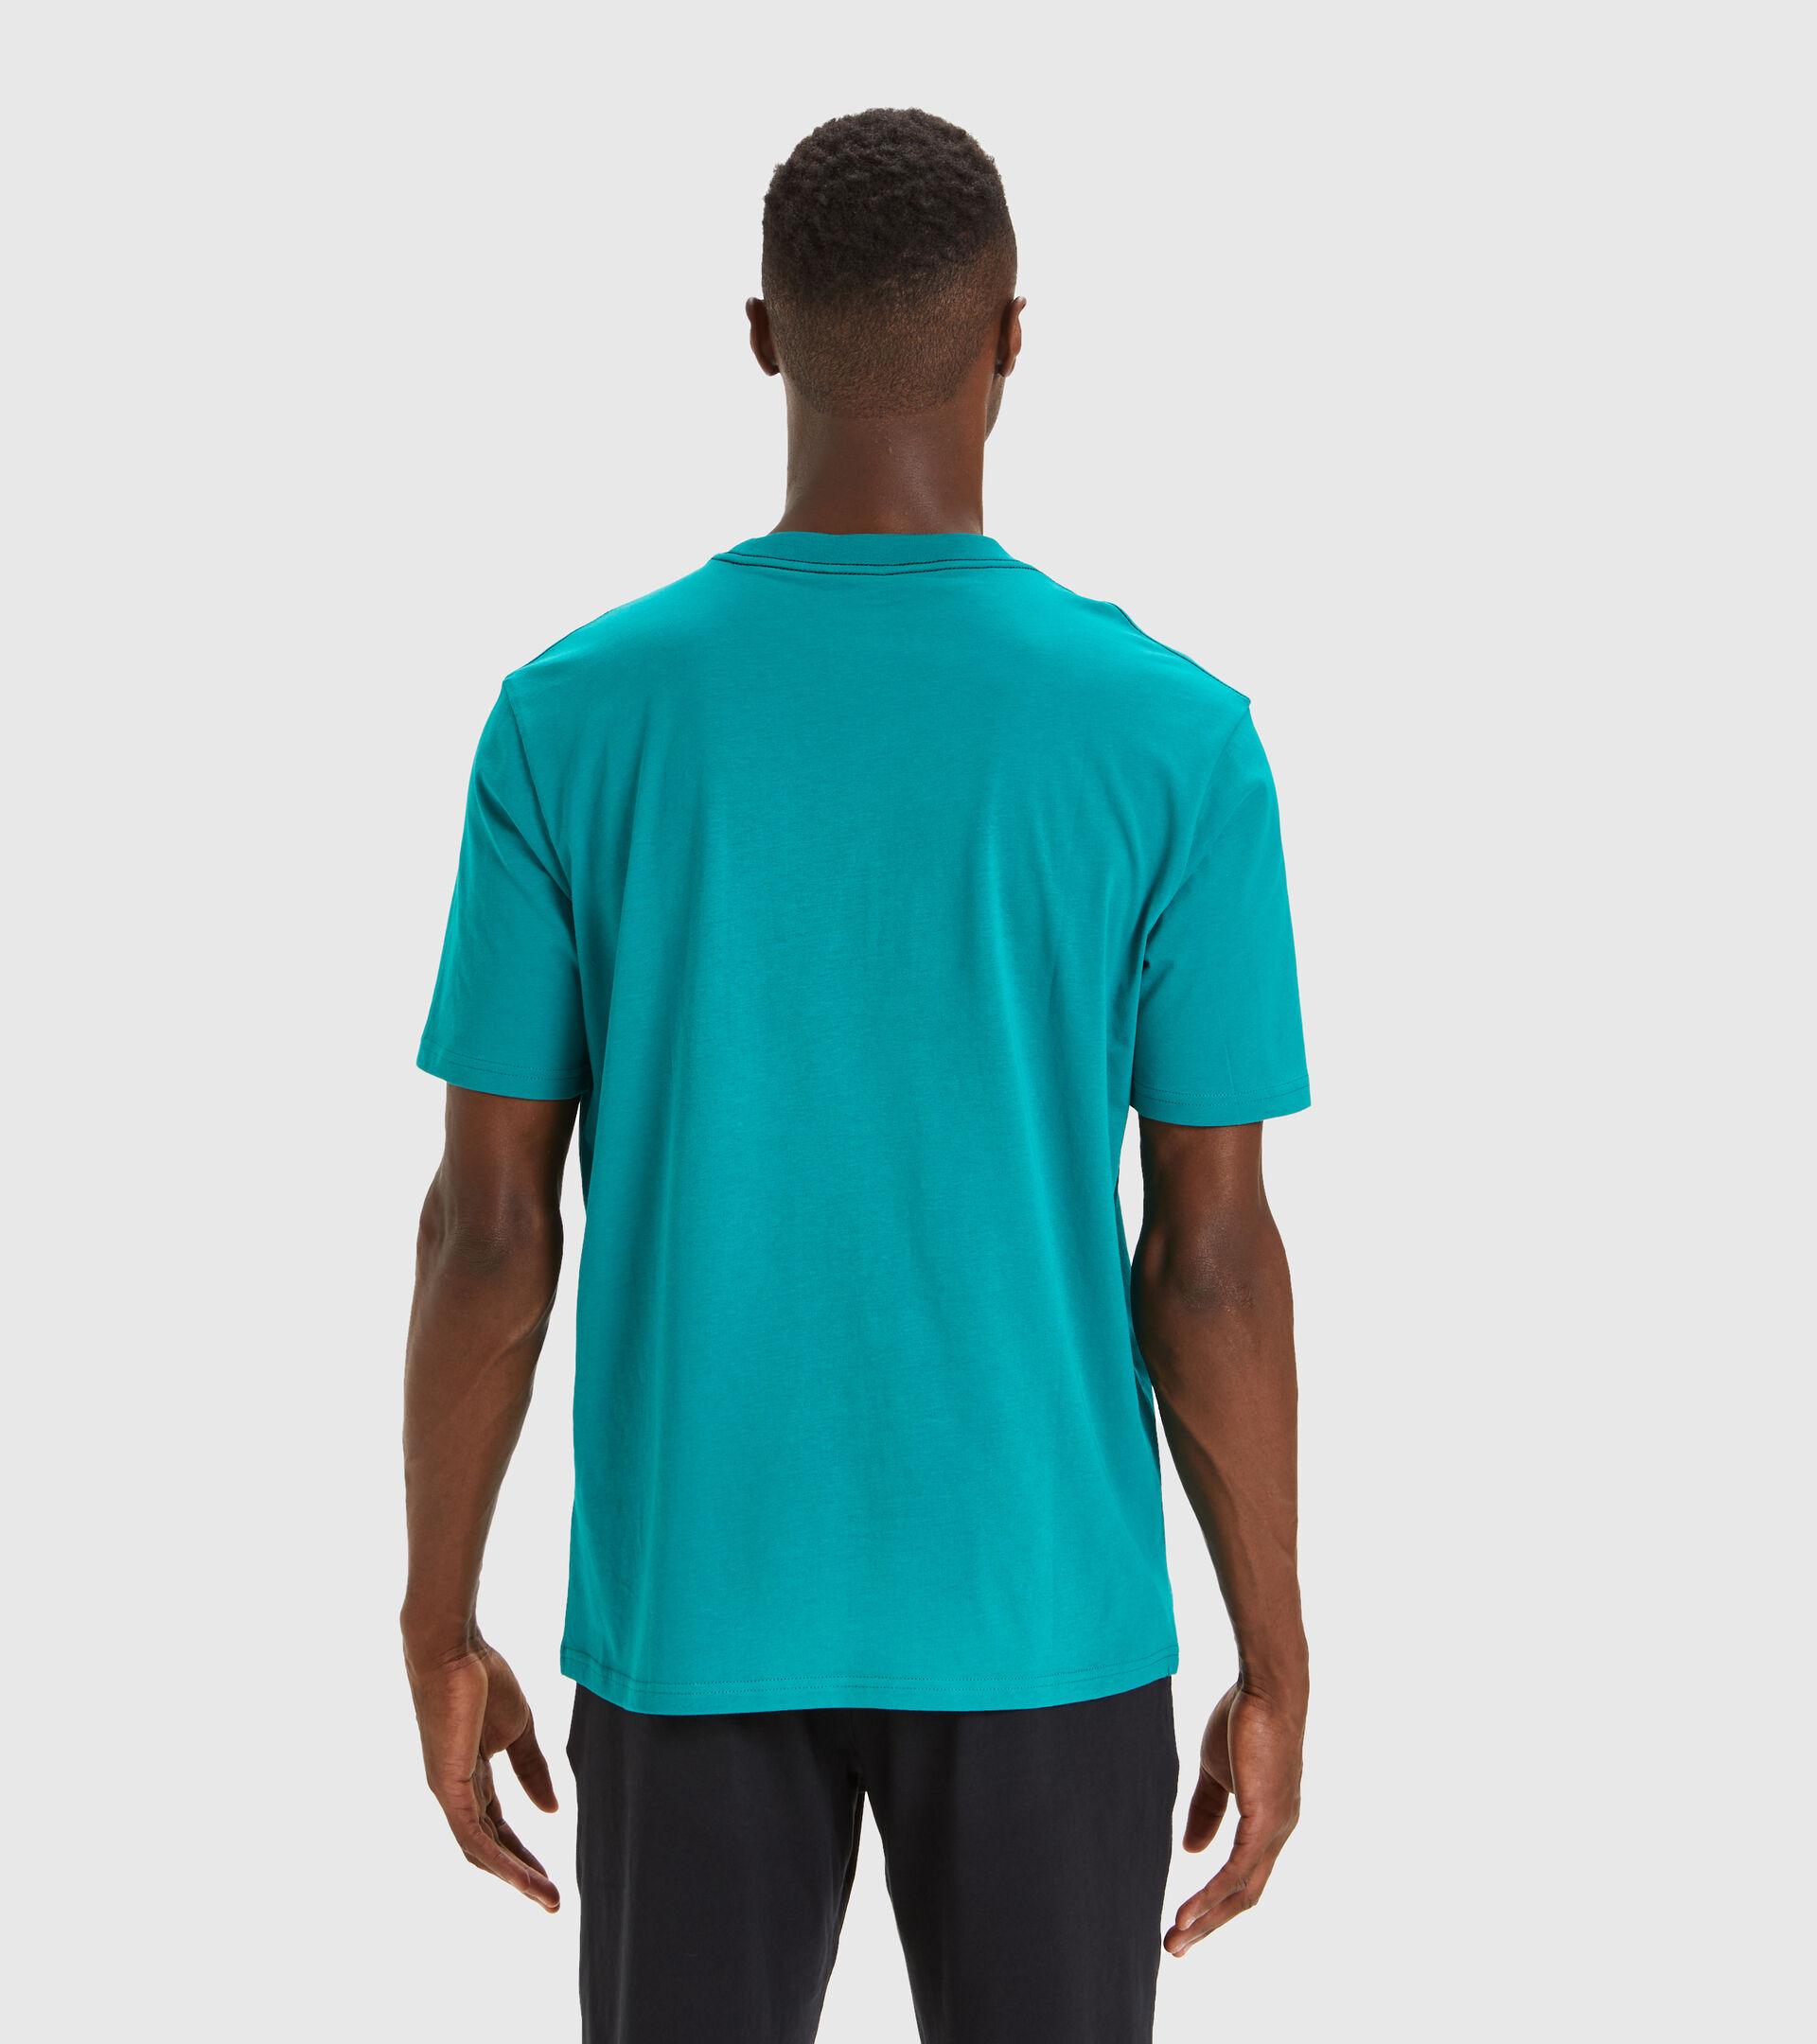 T-Shirt - Herren T-SHIRT SS SHIELD KADMIUM GRUEN - Diadora